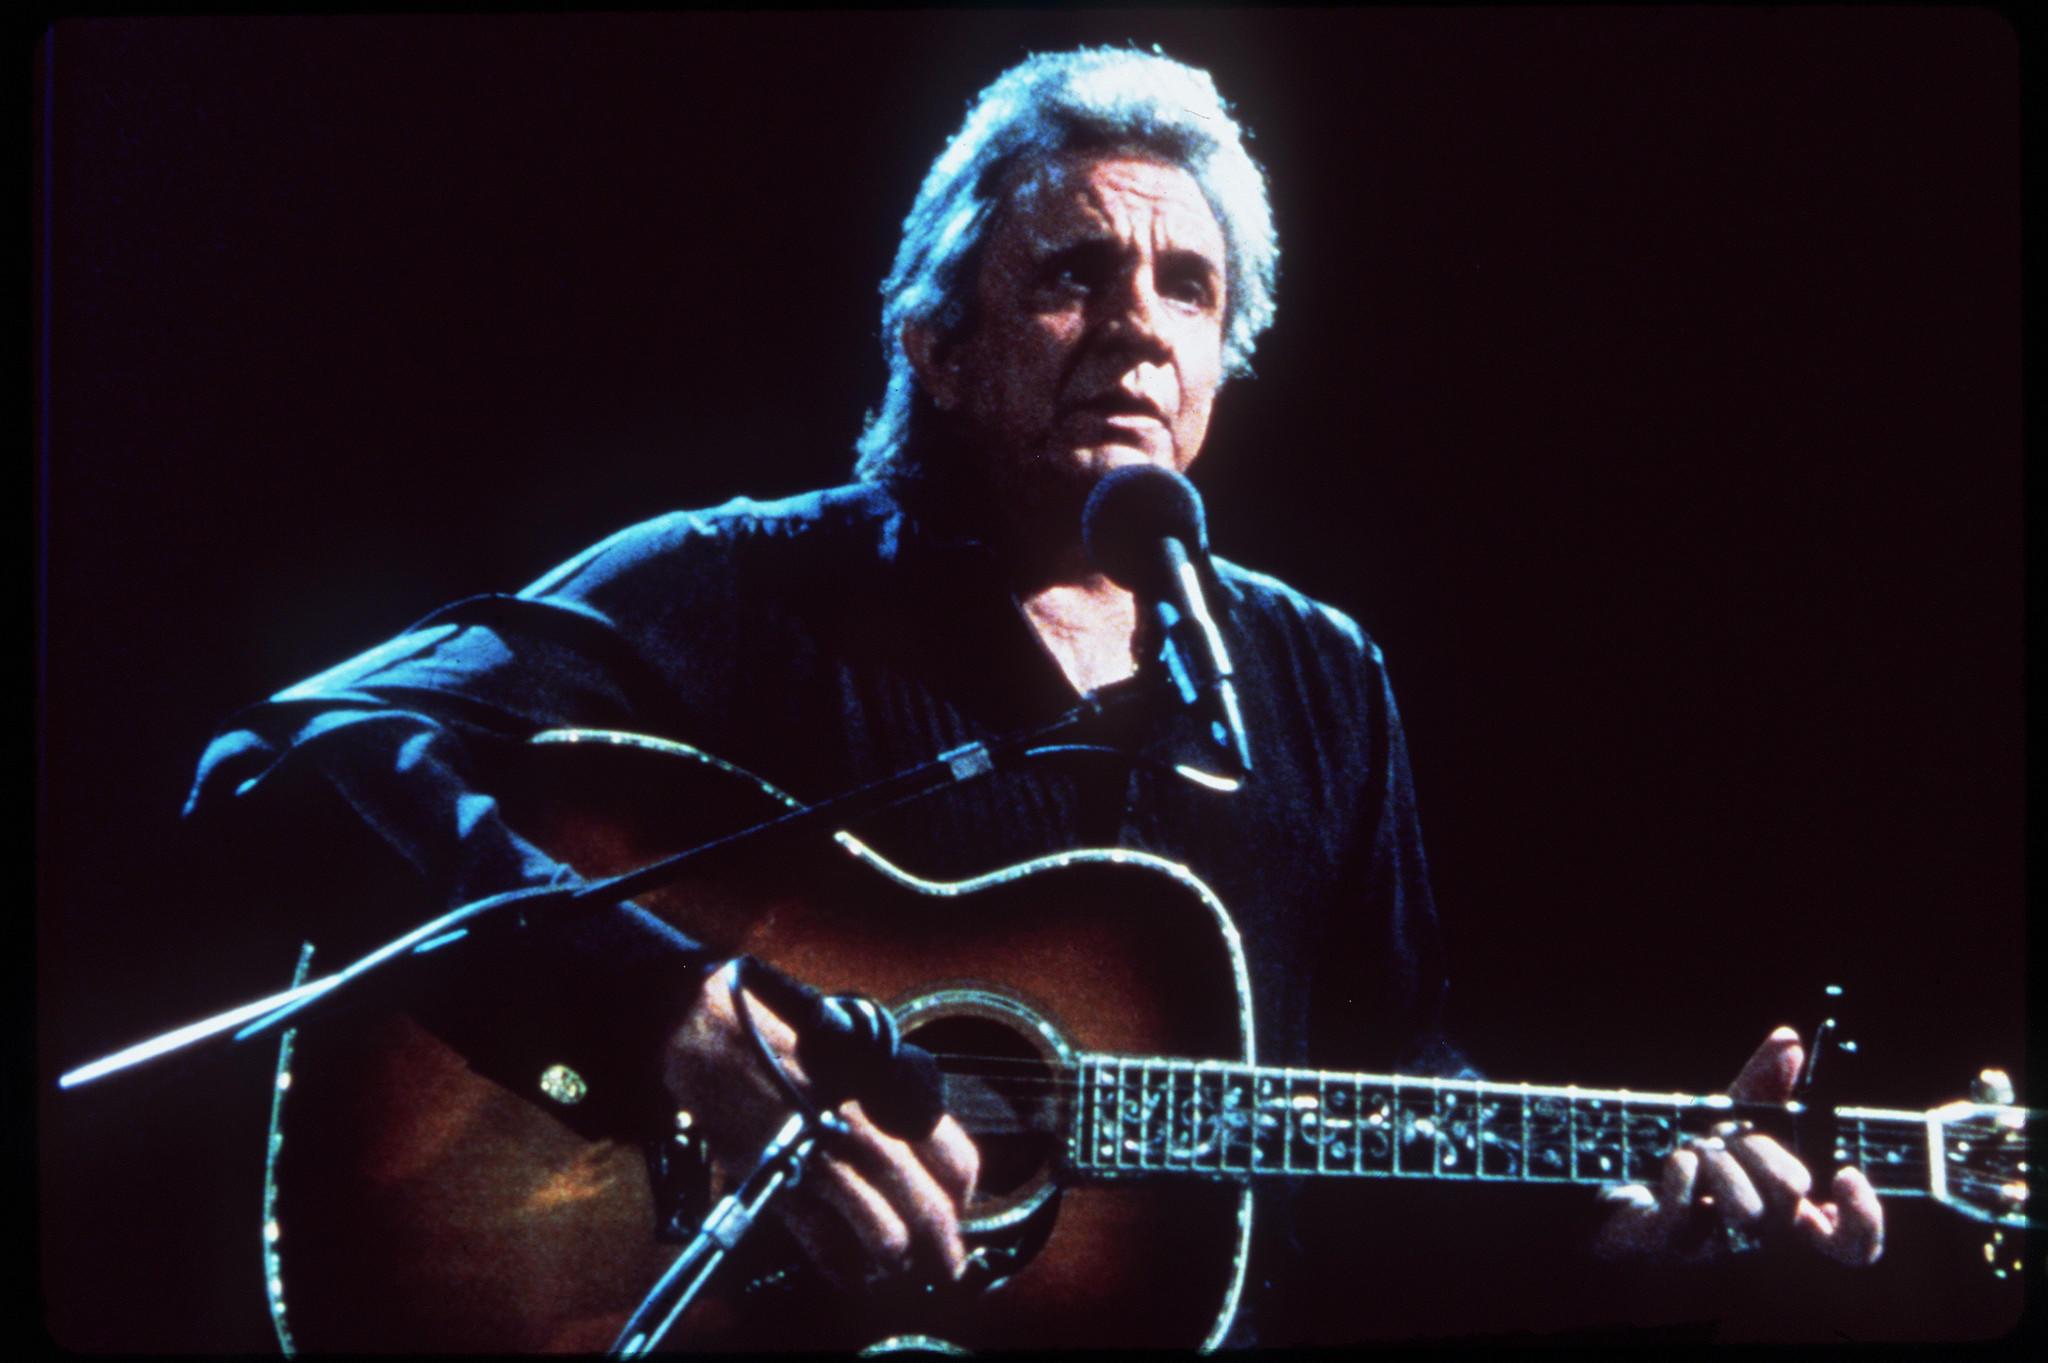 Singer Johnny Cash.